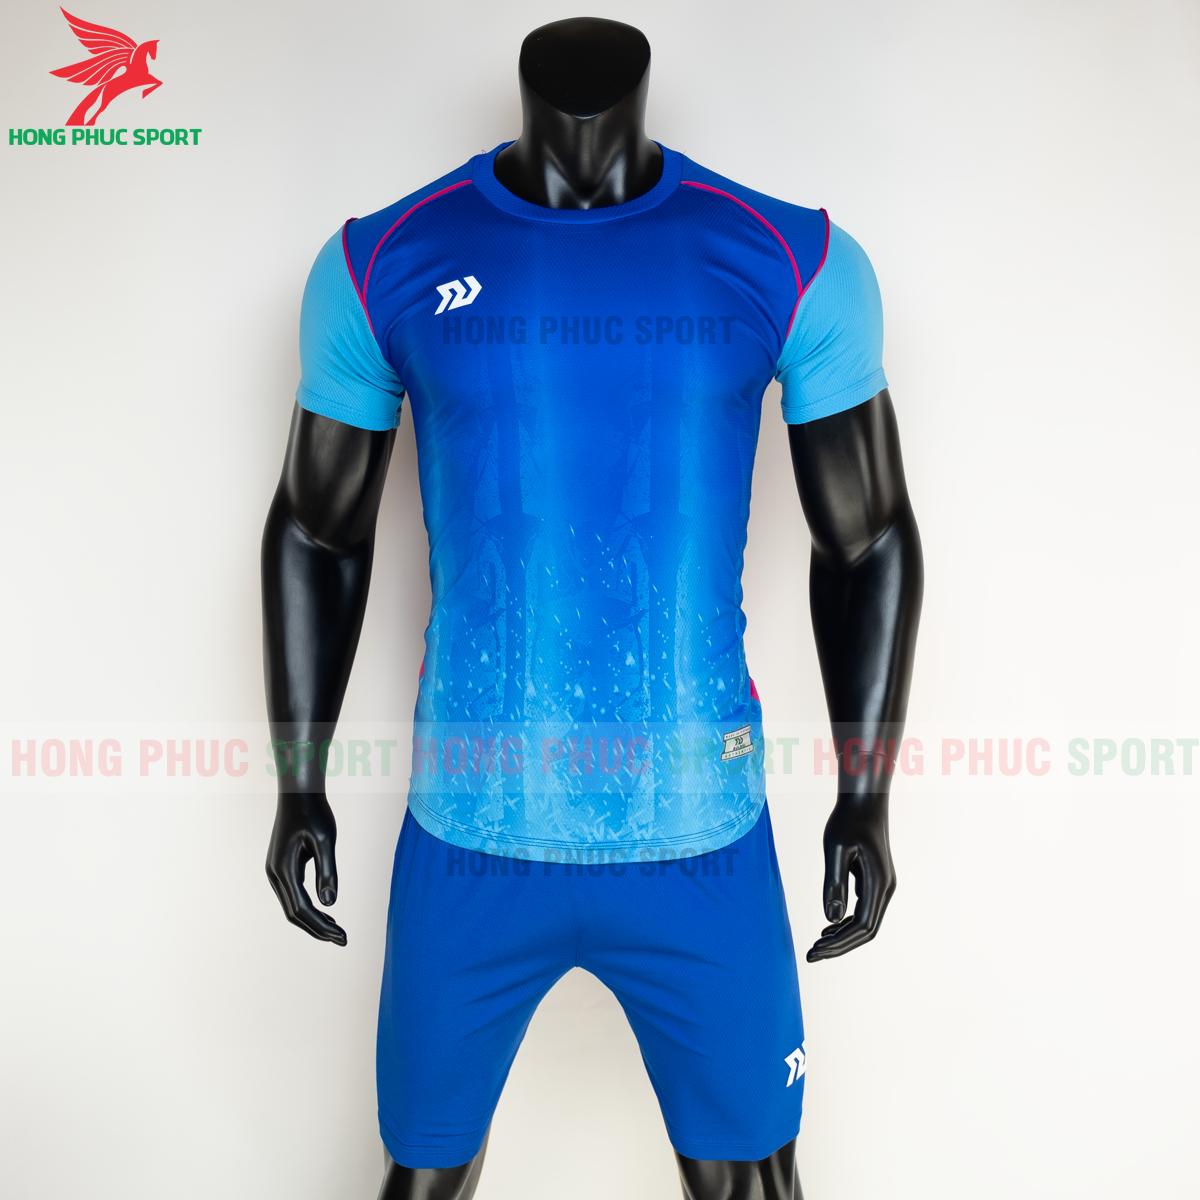 Áo đá banh không logo Bulbal Hades 2021 màu Xanh dương(trước)